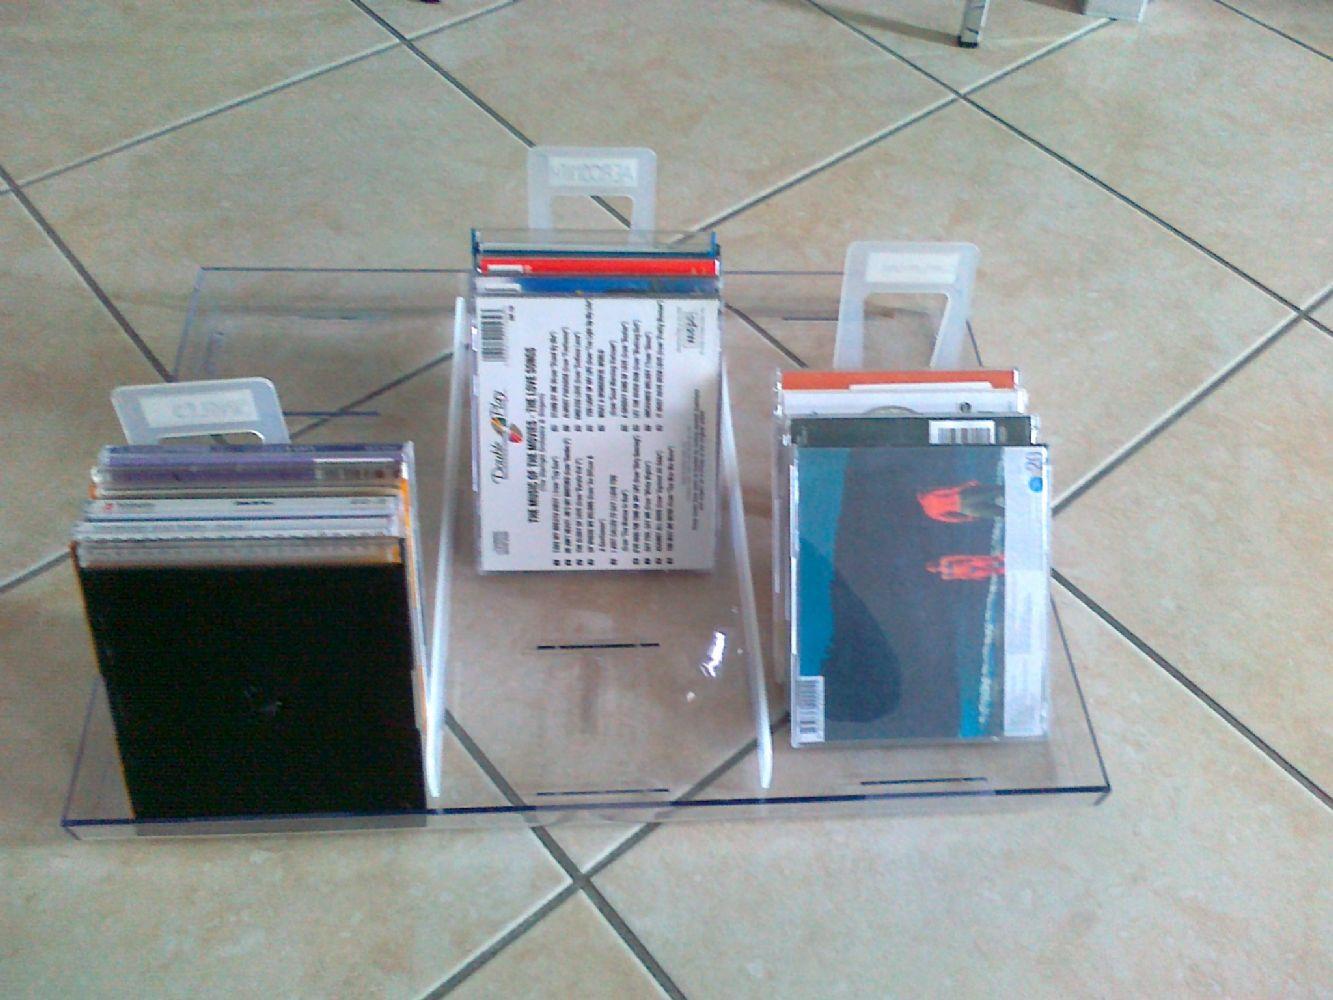 Baratto scambio ikea porta cd dvd arredamento - Ikea complementi d arredo ...